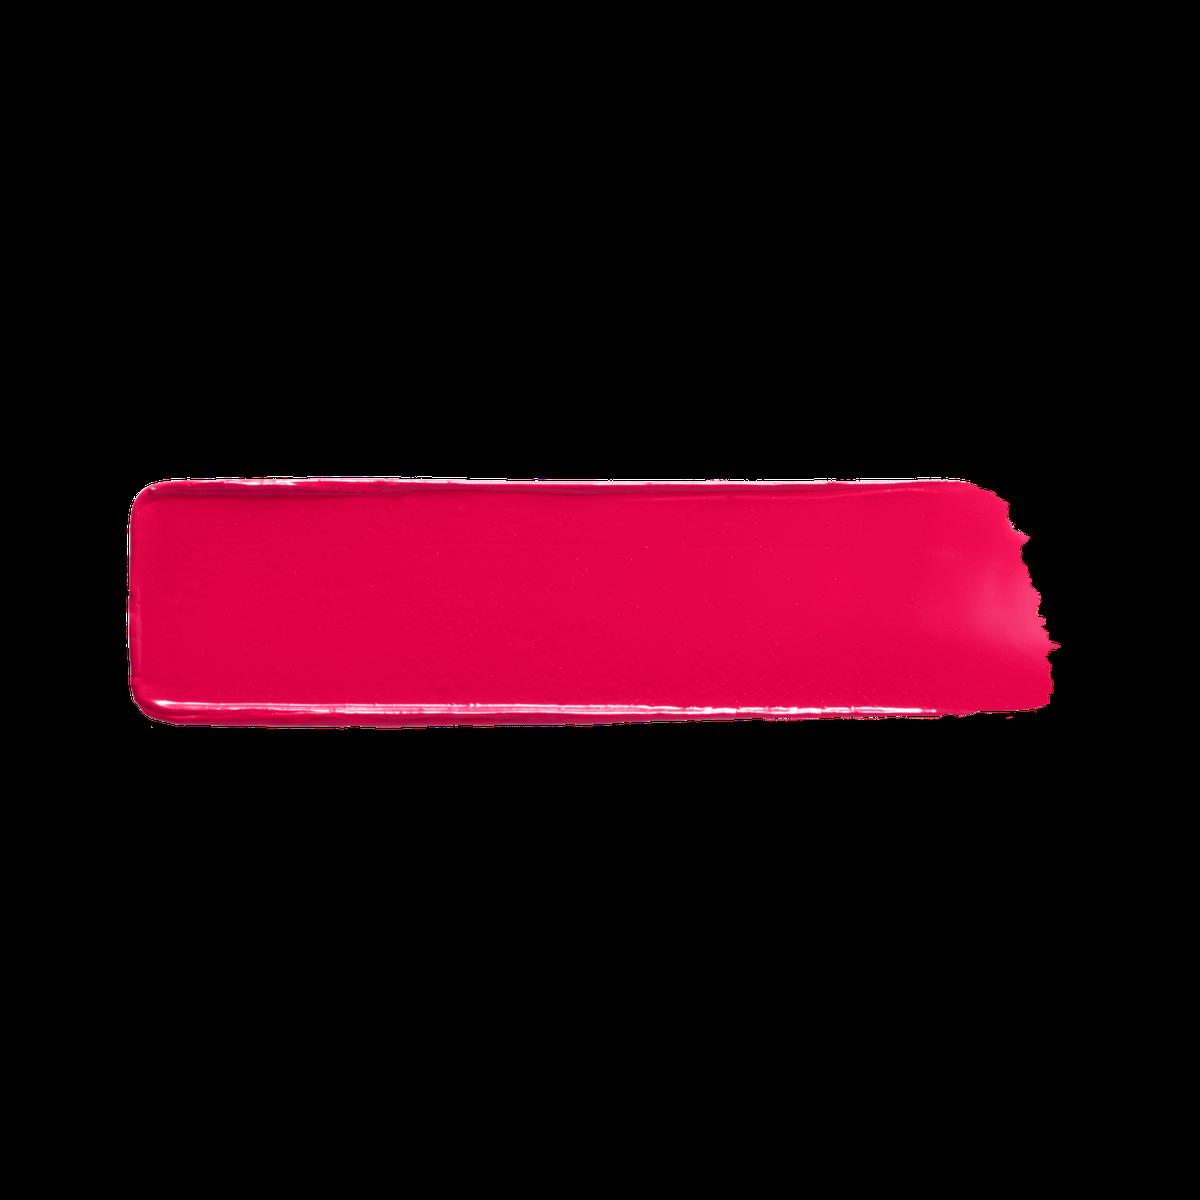 رژلب ژیوانشی مدل Interdit Satin رنگ  12 Rouge Insomnie